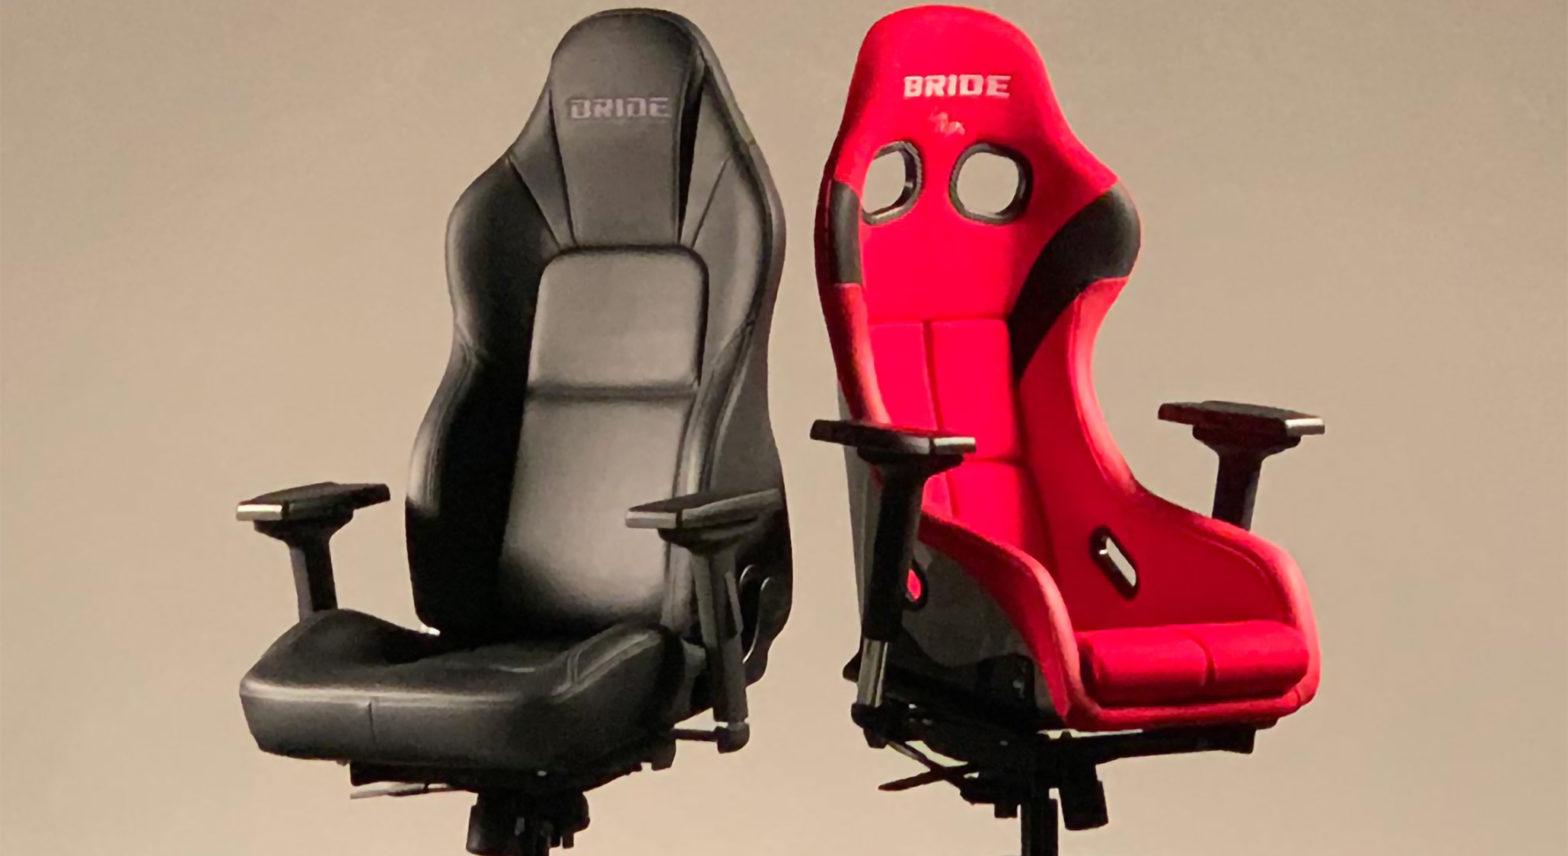 Multicaster PRO Castor Wheel Chair Frame